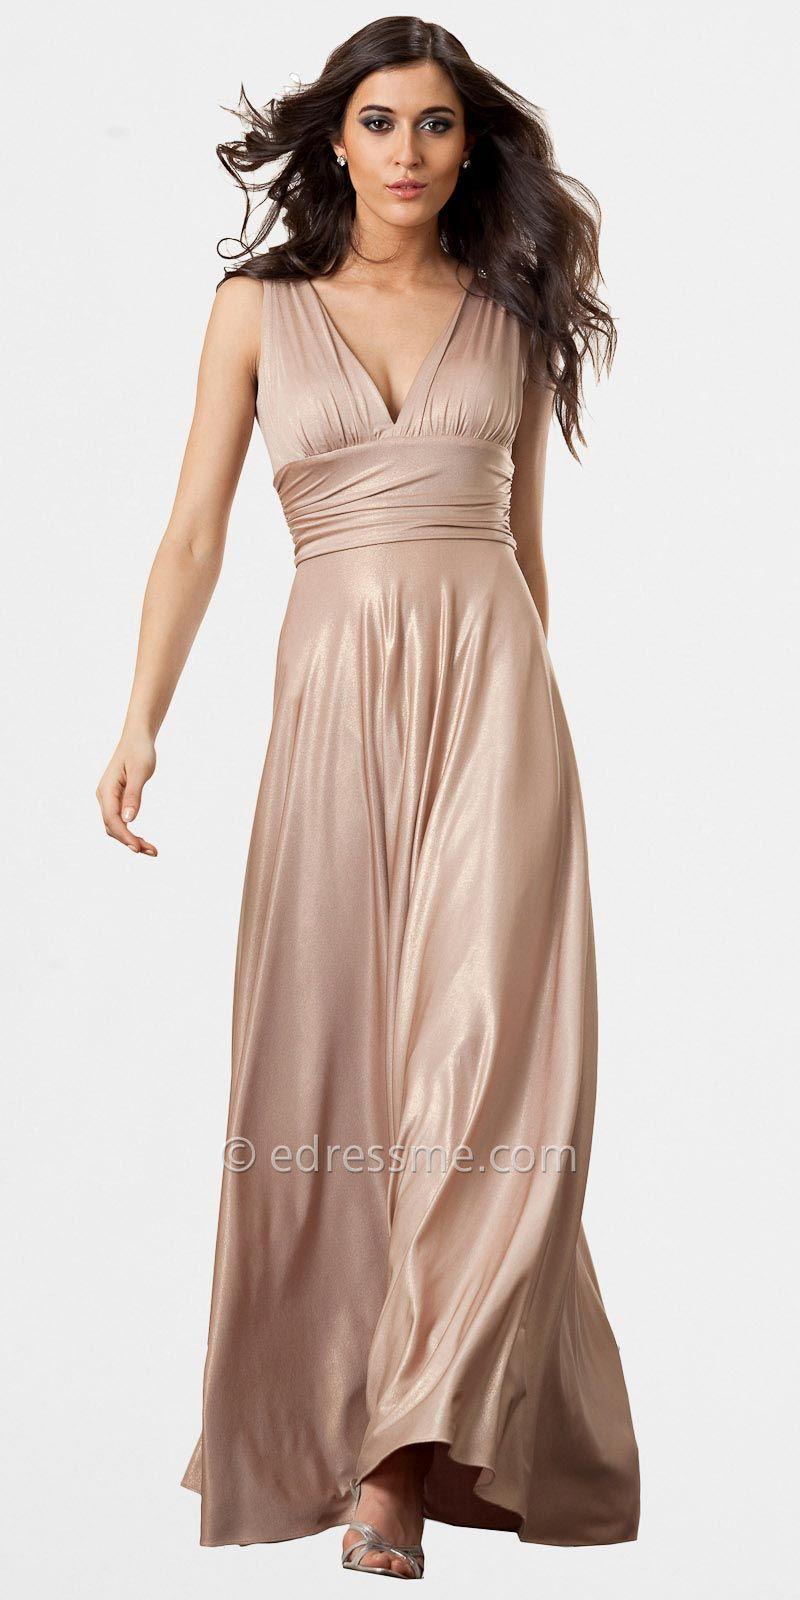 Gold vneckline evening dresses by js collection finalsale